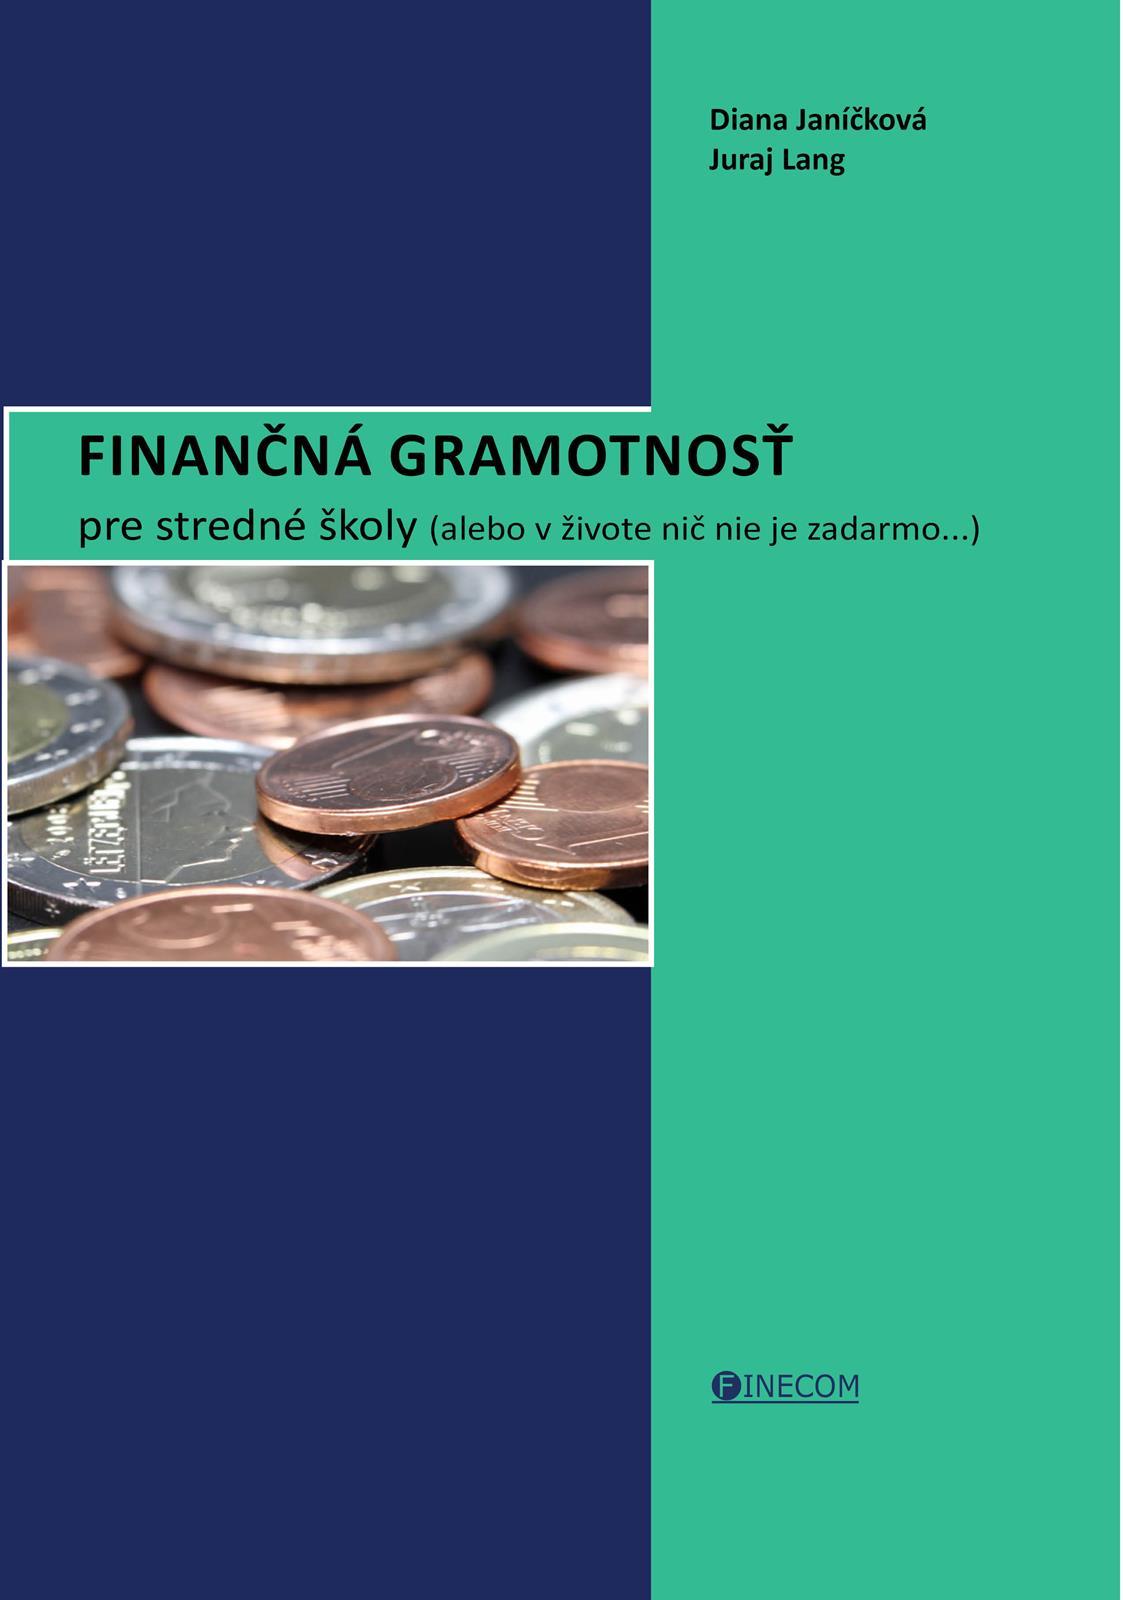 Finančná gramotnosť pre stredné školy - alebo v živote nič nie je zadarmo...